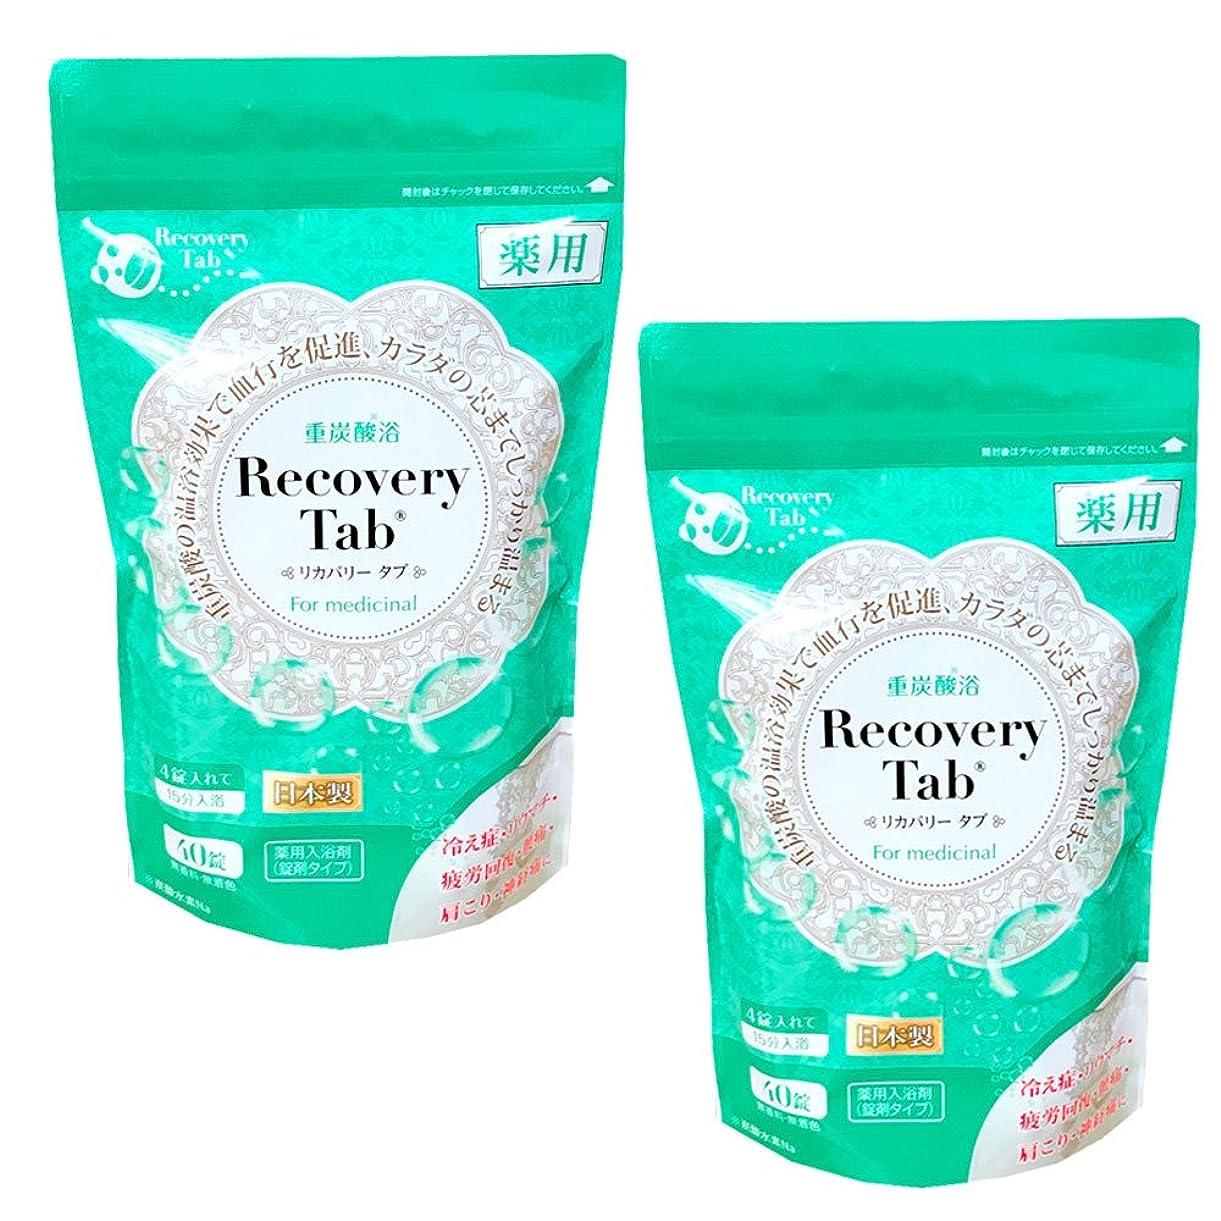 ファセット増幅比率【Recovery Tab 正規販売店】 薬用 Recovery Tab リカバリータブ 重炭酸浴 医薬部外品 40錠入 2個セット